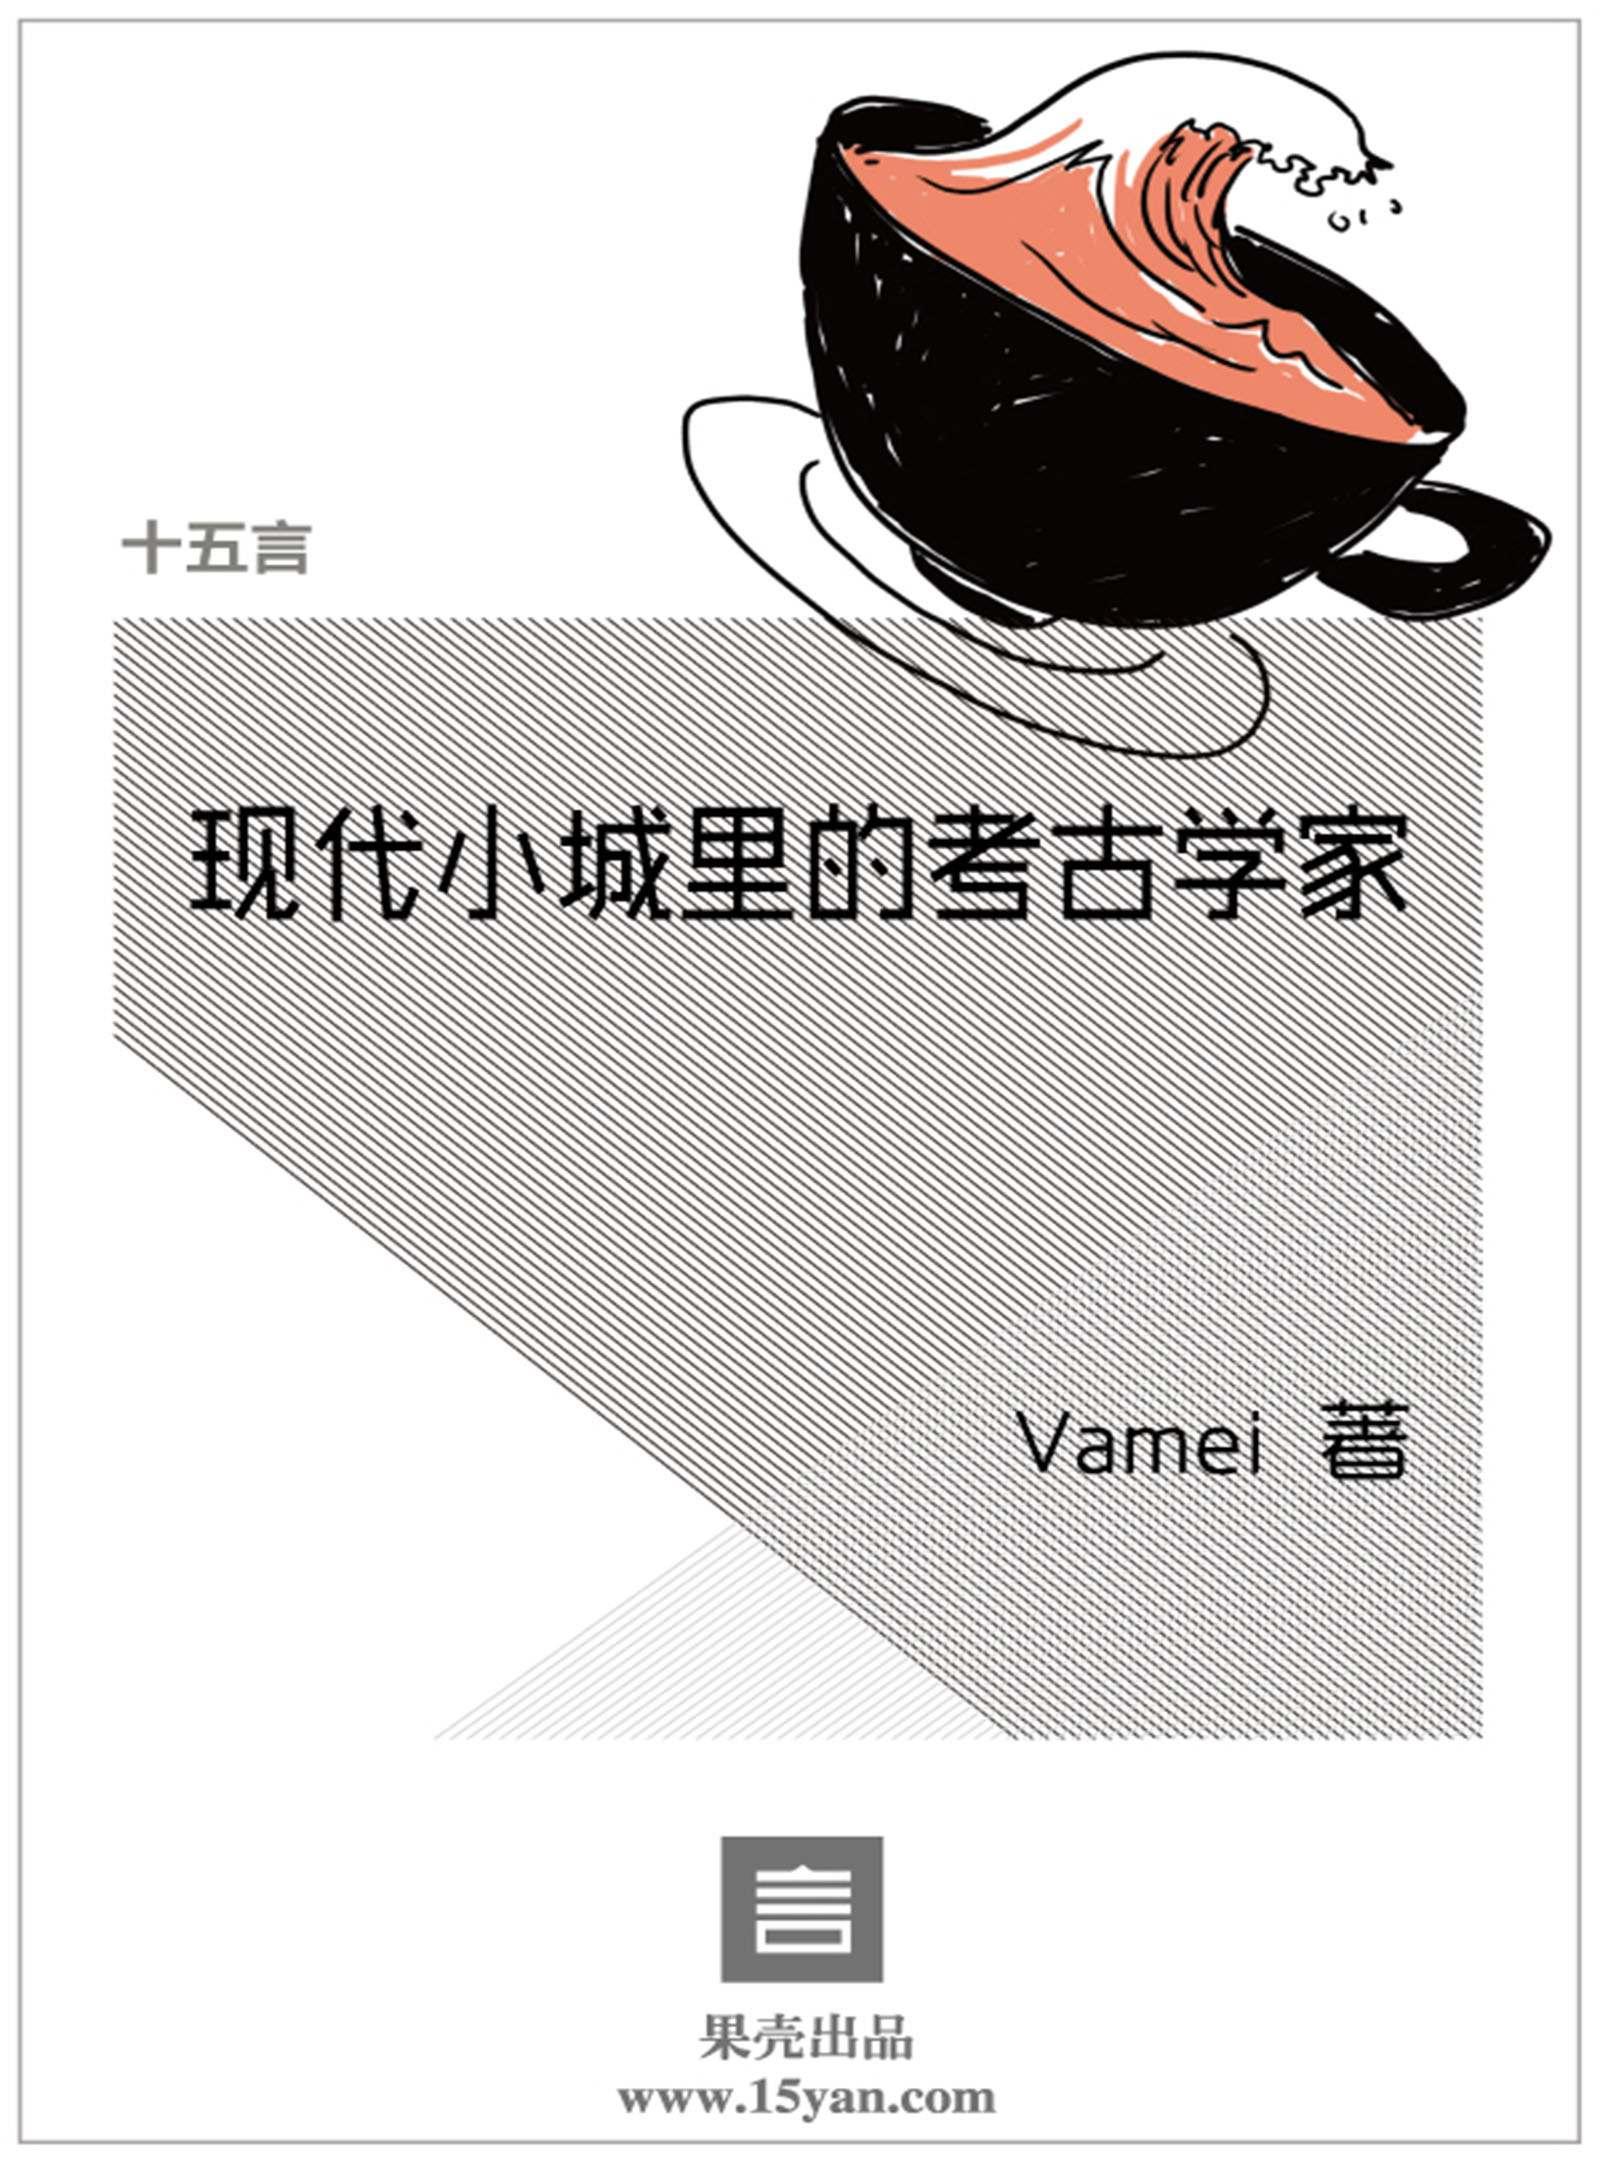 现代小城的考古学家·十五言Vamei文集(果壳·十五言系列)